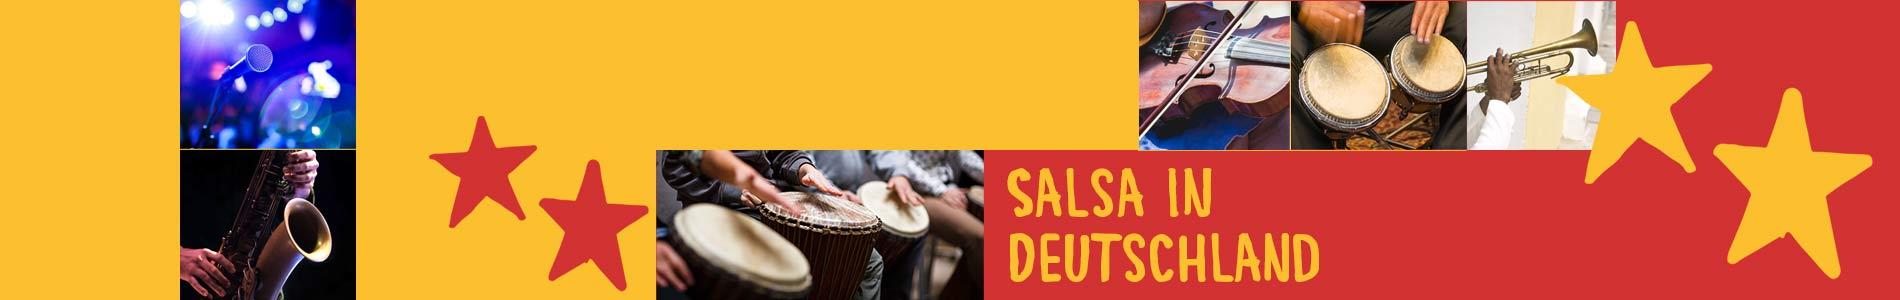 Salsa in Carlsberg – Salsa lernen und tanzen, Tanzkurse, Partys, Veranstaltungen